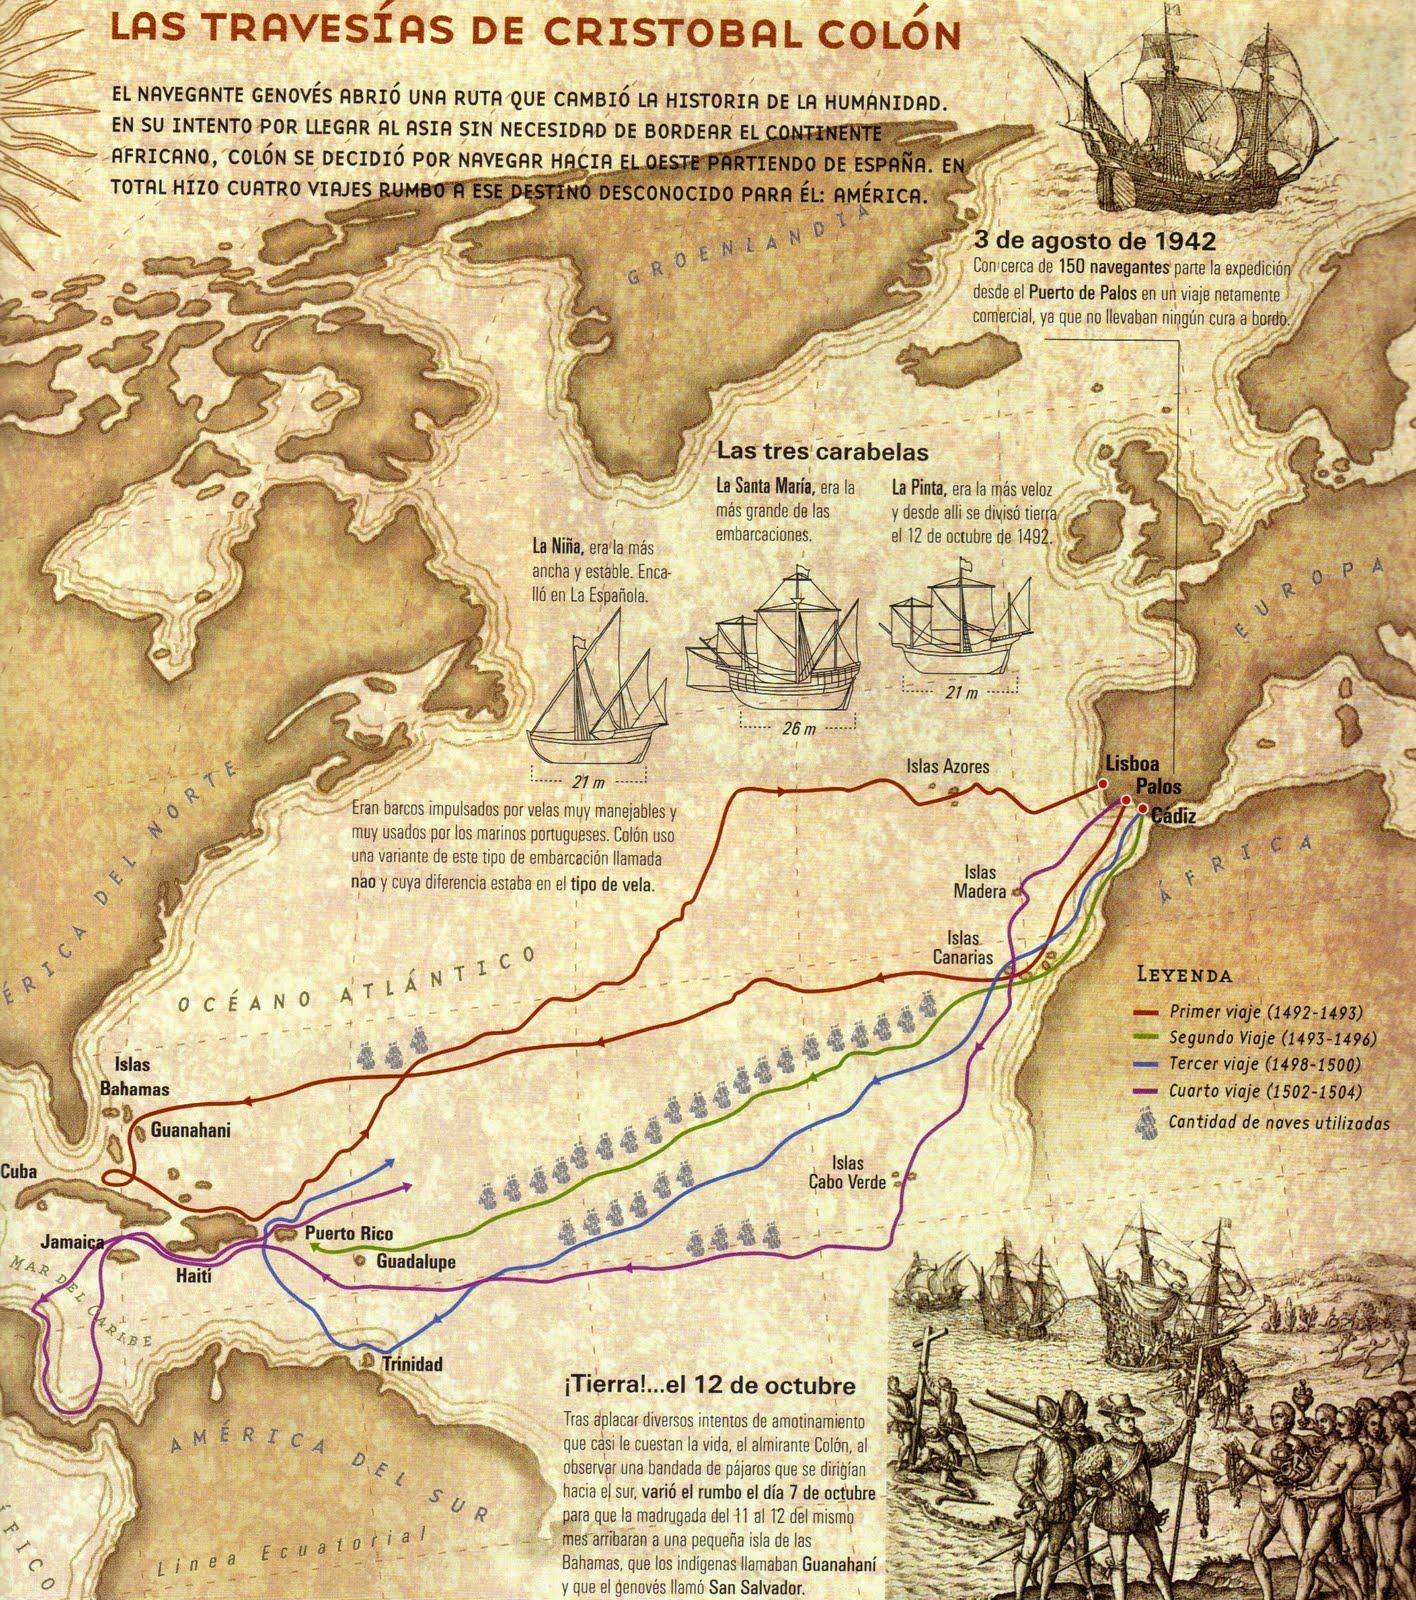 Travesías de Cristóbal Colón